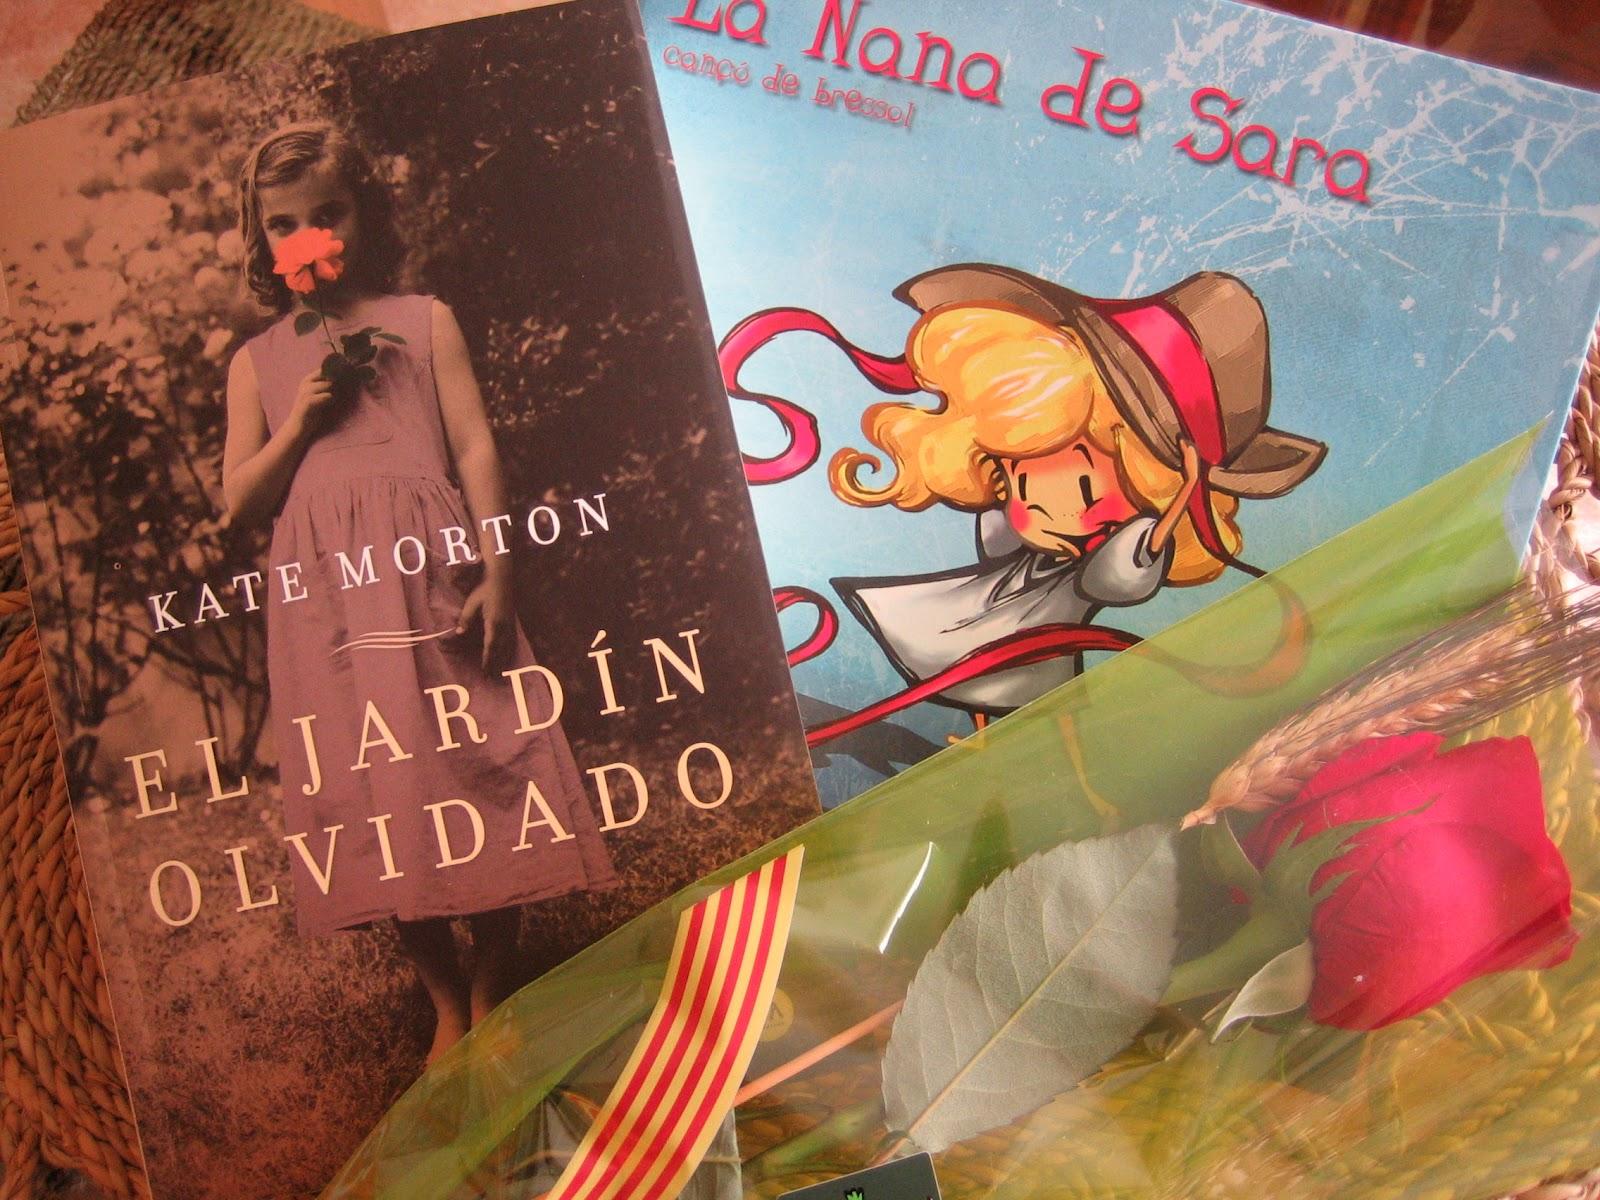 Els drapets de la sandra sant jordi for Libro el jardin olvidado